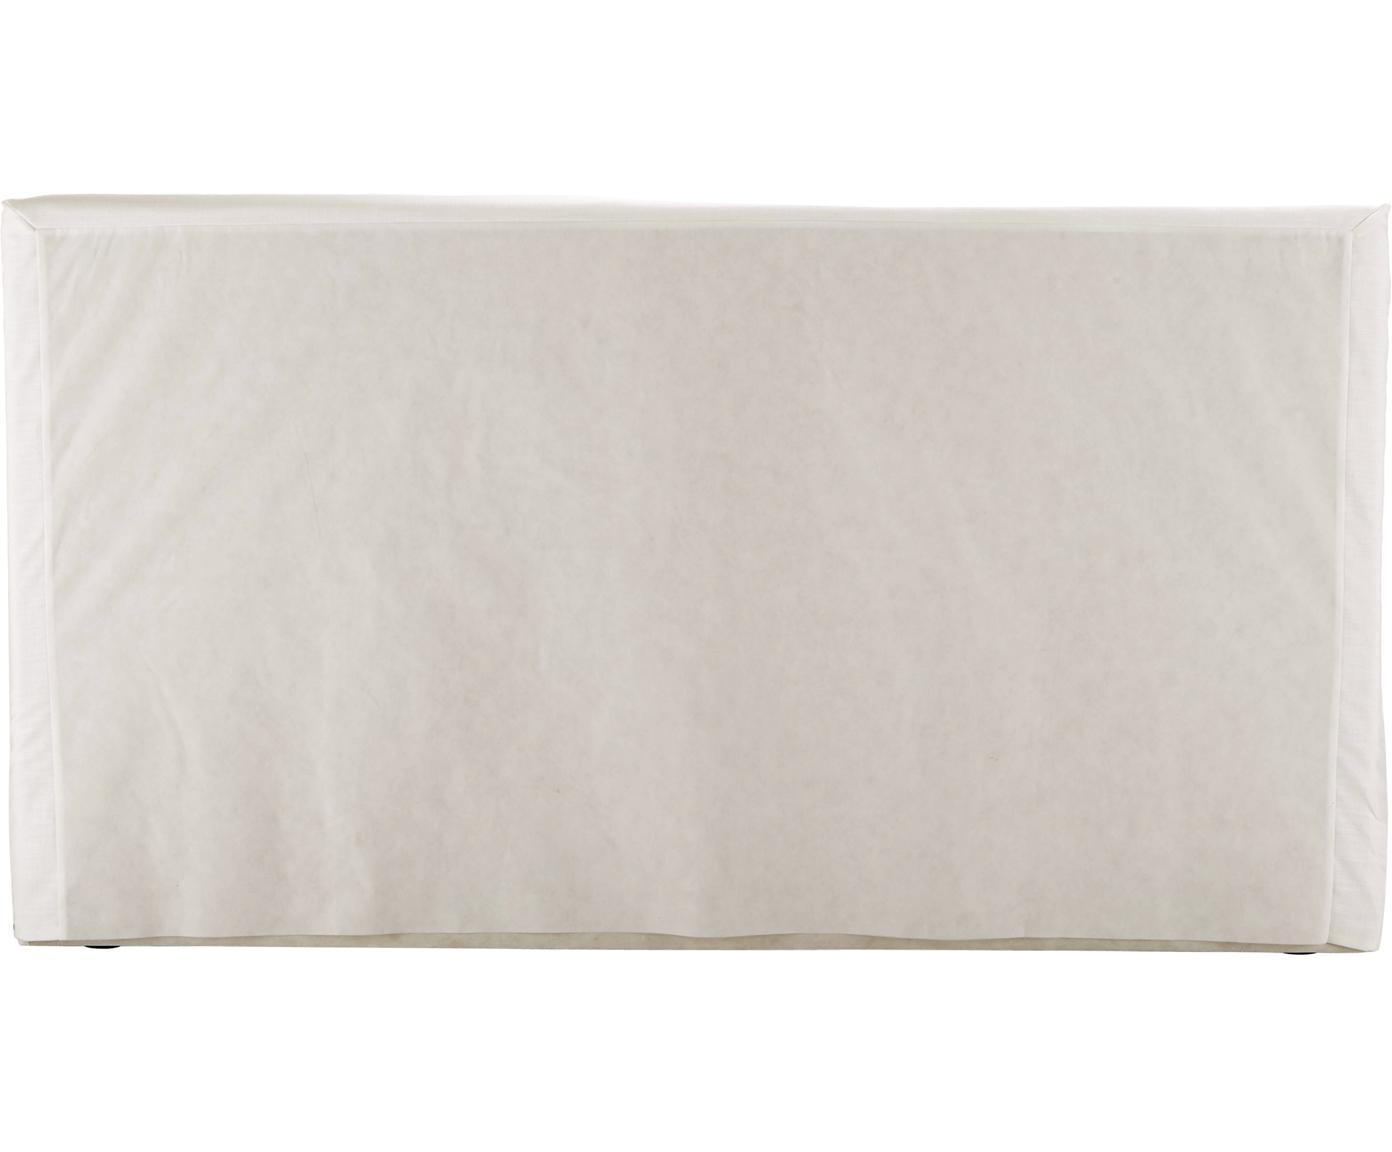 Letto imbottito con contenitore Feather, Rivestimento: Poliestere (tessuto strut, Tessuto ecru, 180 x 200 cm